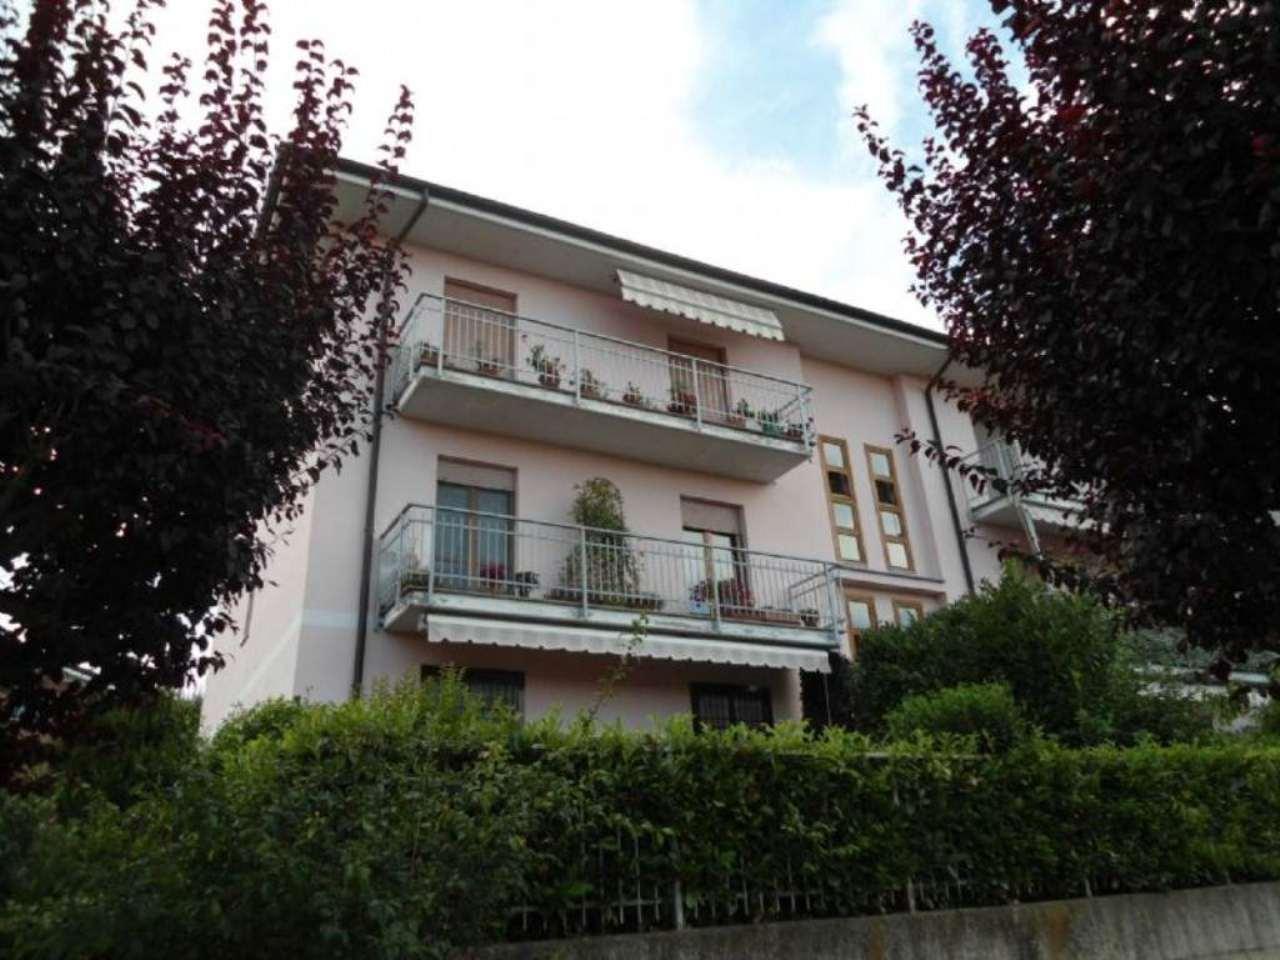 Appartamento in affitto a Villanova d'Asti, 3 locali, prezzo € 420 | Cambio Casa.it